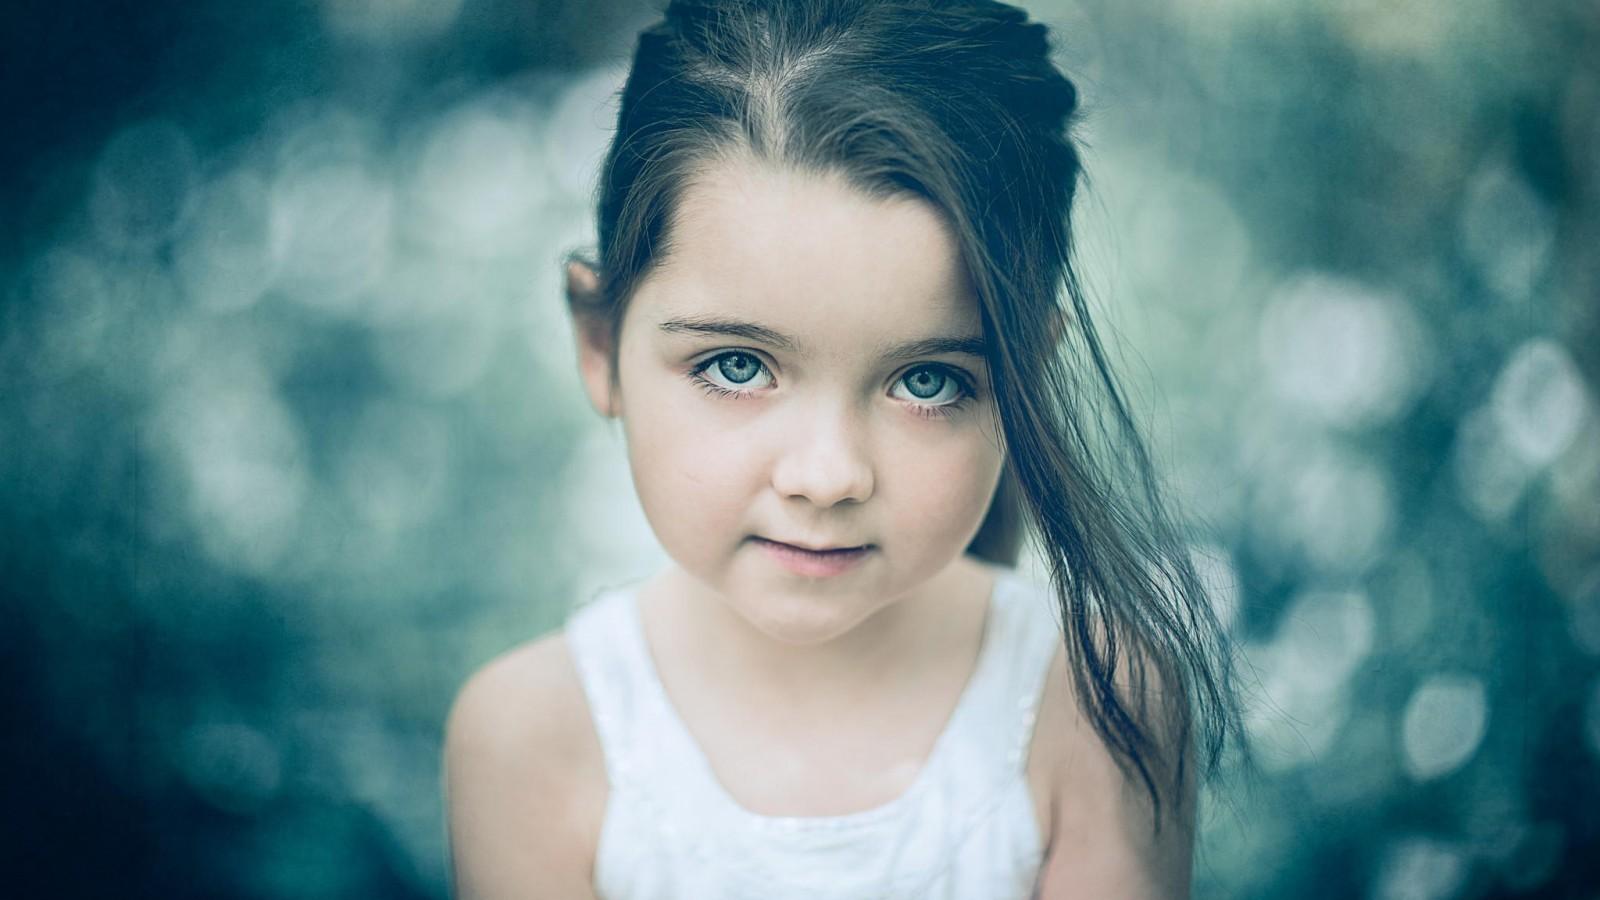 بالصور طفلة حزينة , اصعب لحظات بكاء الاطفال 641 8